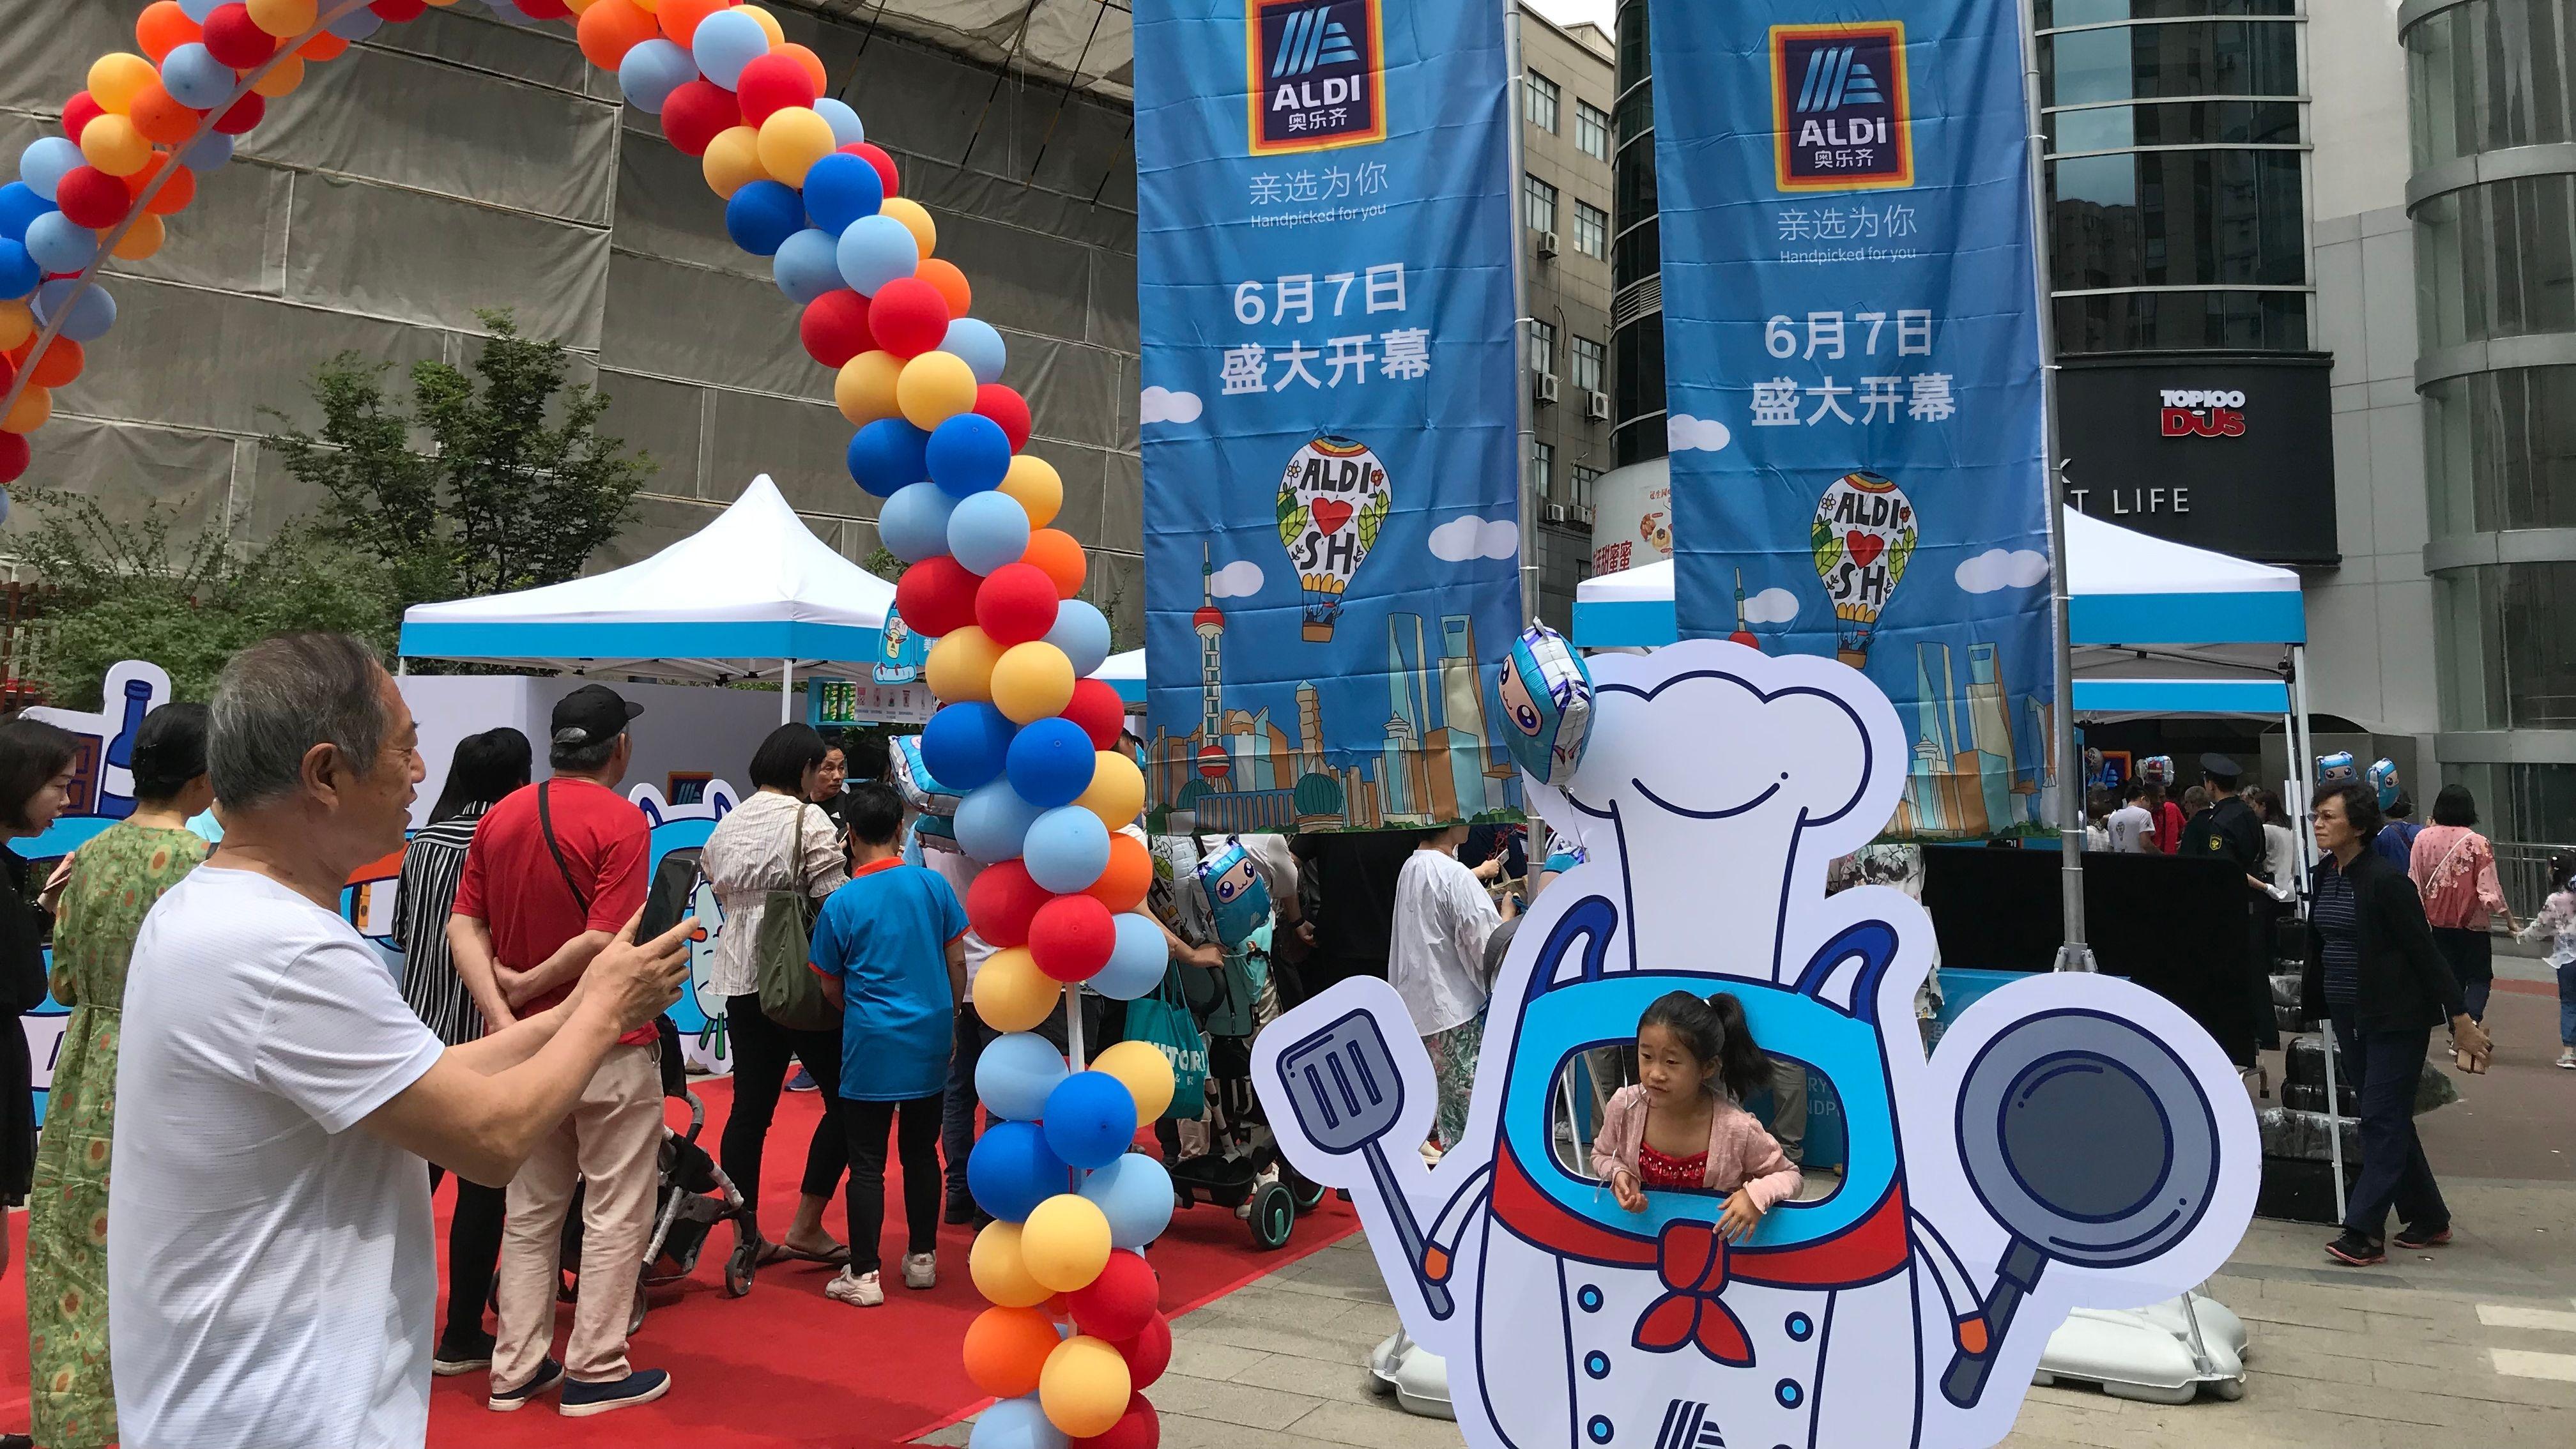 Feier zur Eröffnung der ersten beiden Aldi-Filialen in Shanghai.